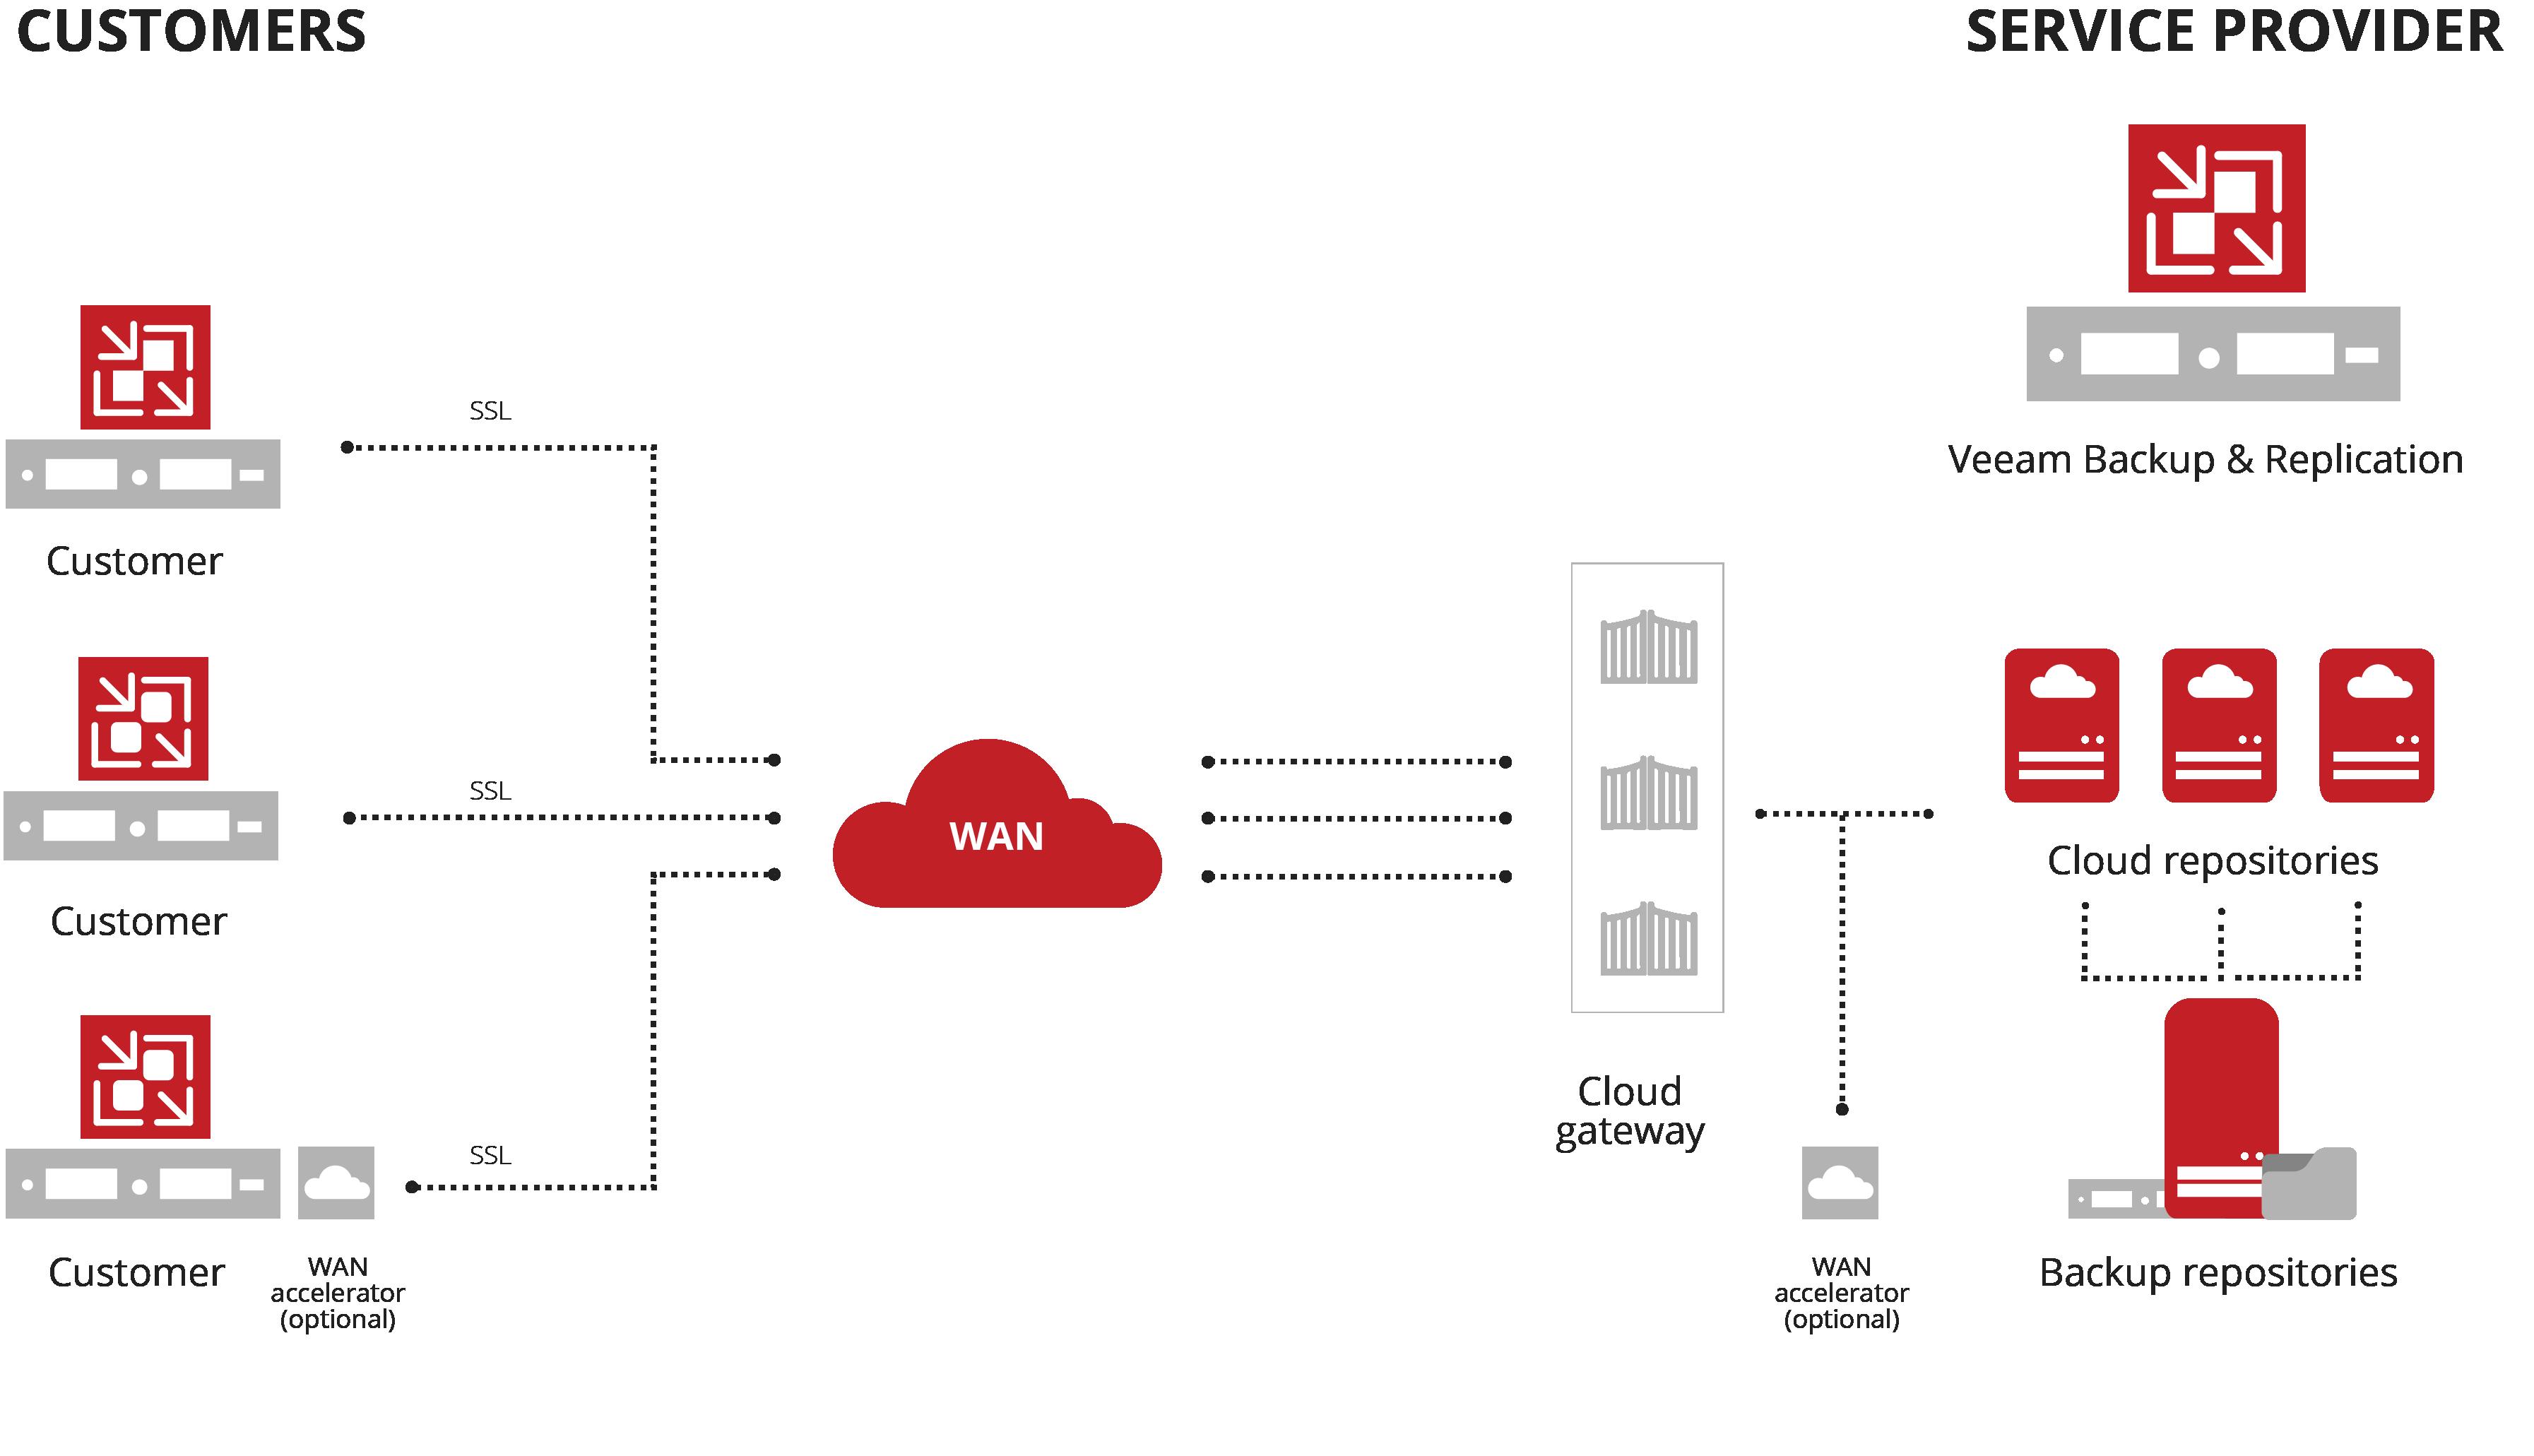 VCCB-2020 diagram